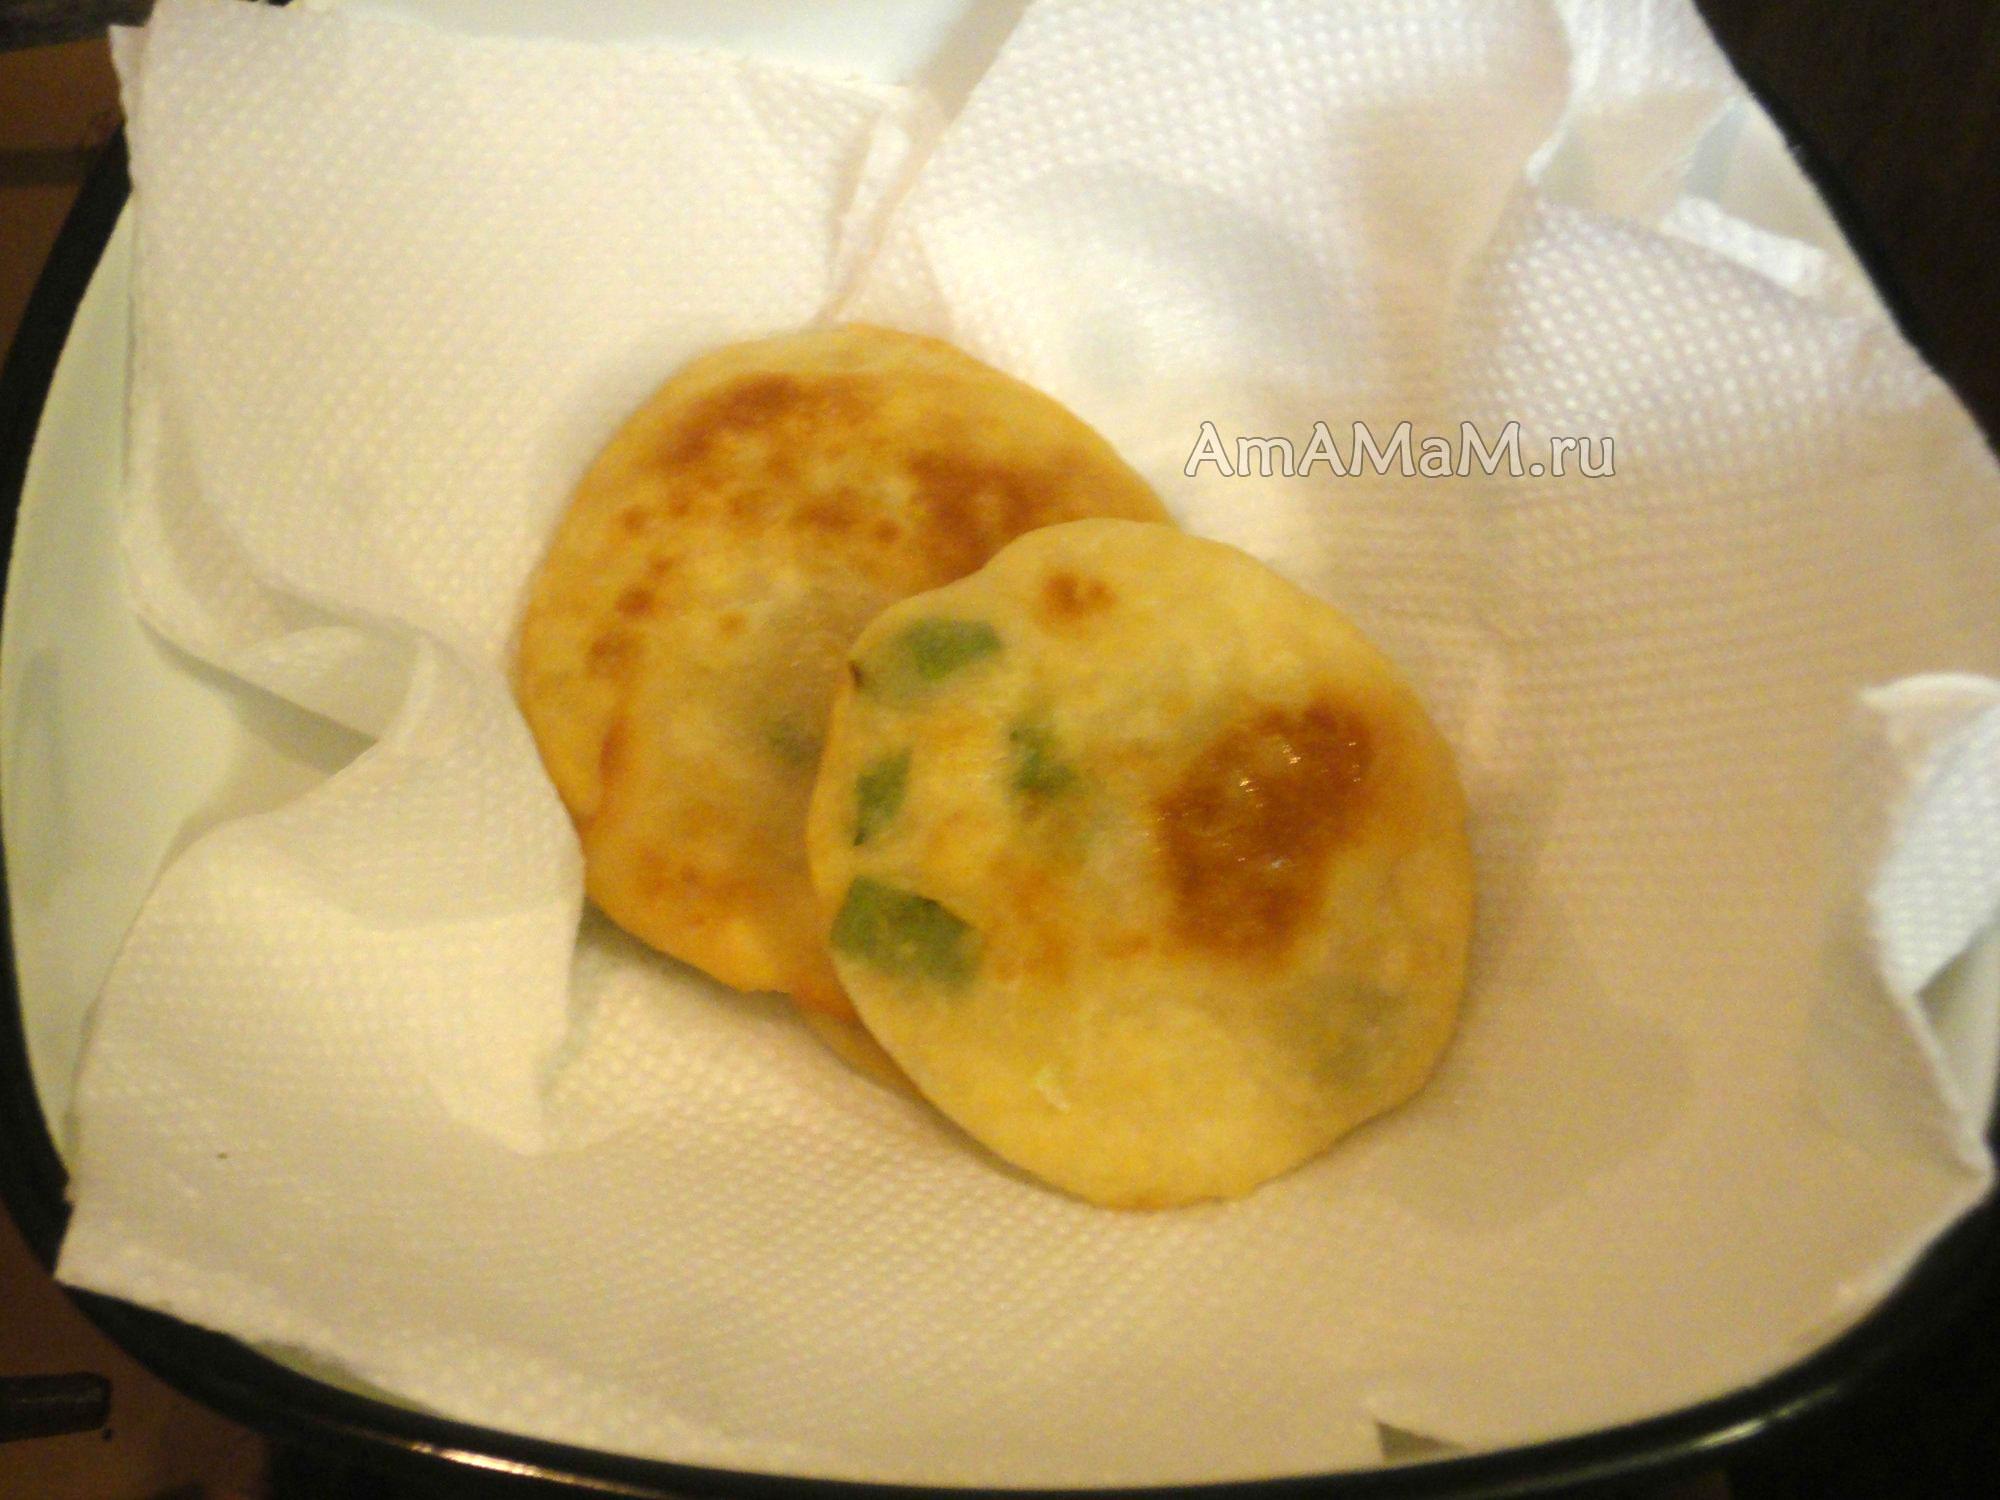 Узбекские лепешки в домашних условиях: рецепты приготовления 11